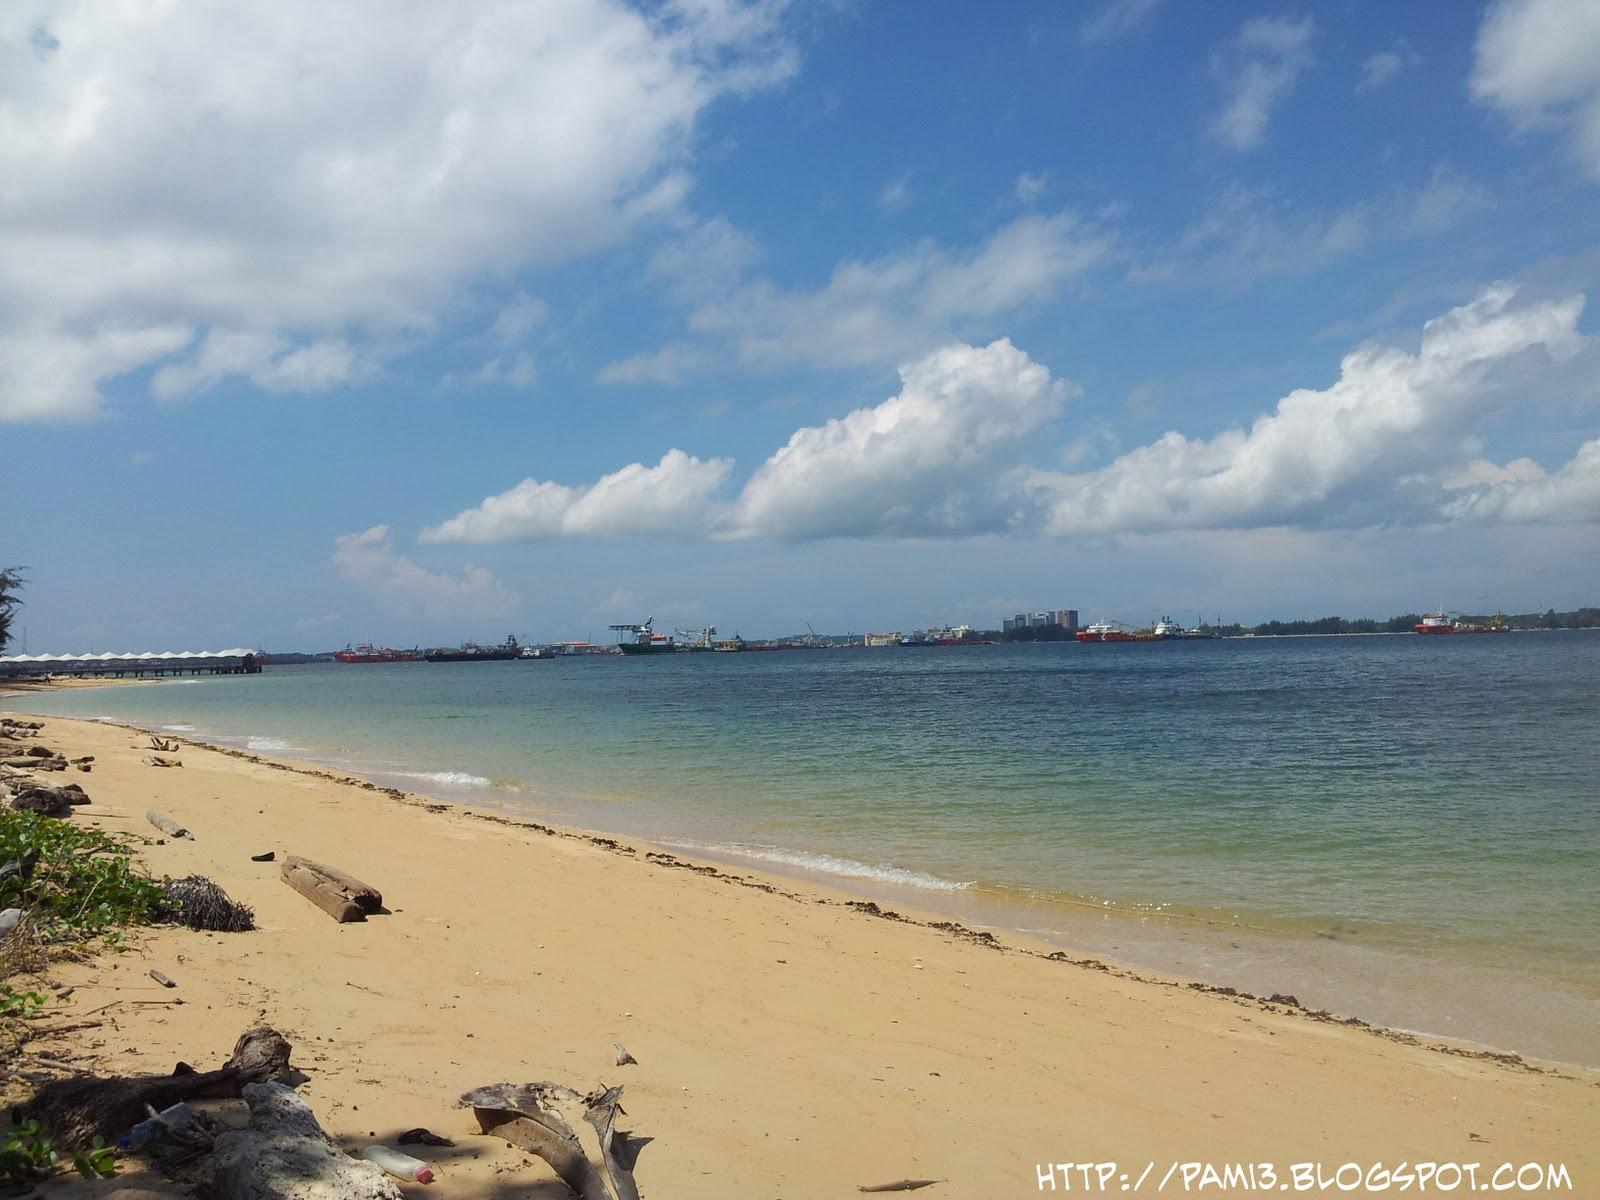 Koleksi Gambar Menarik dari Pulau Papan, W.P.Labuan